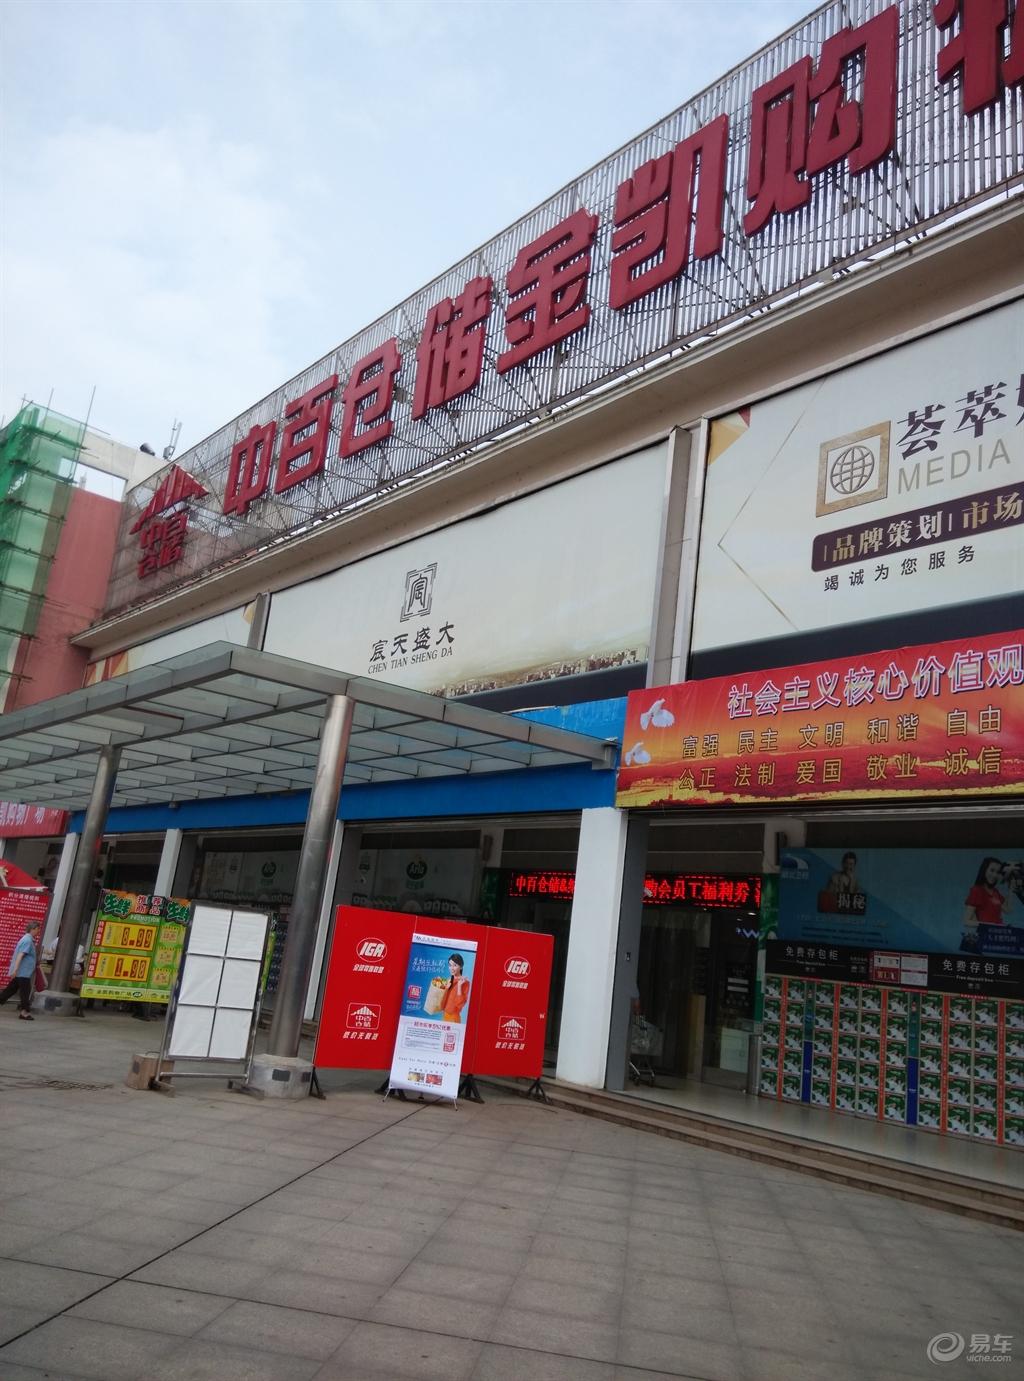 中百供应商查询系统统_中百仓储网上超市